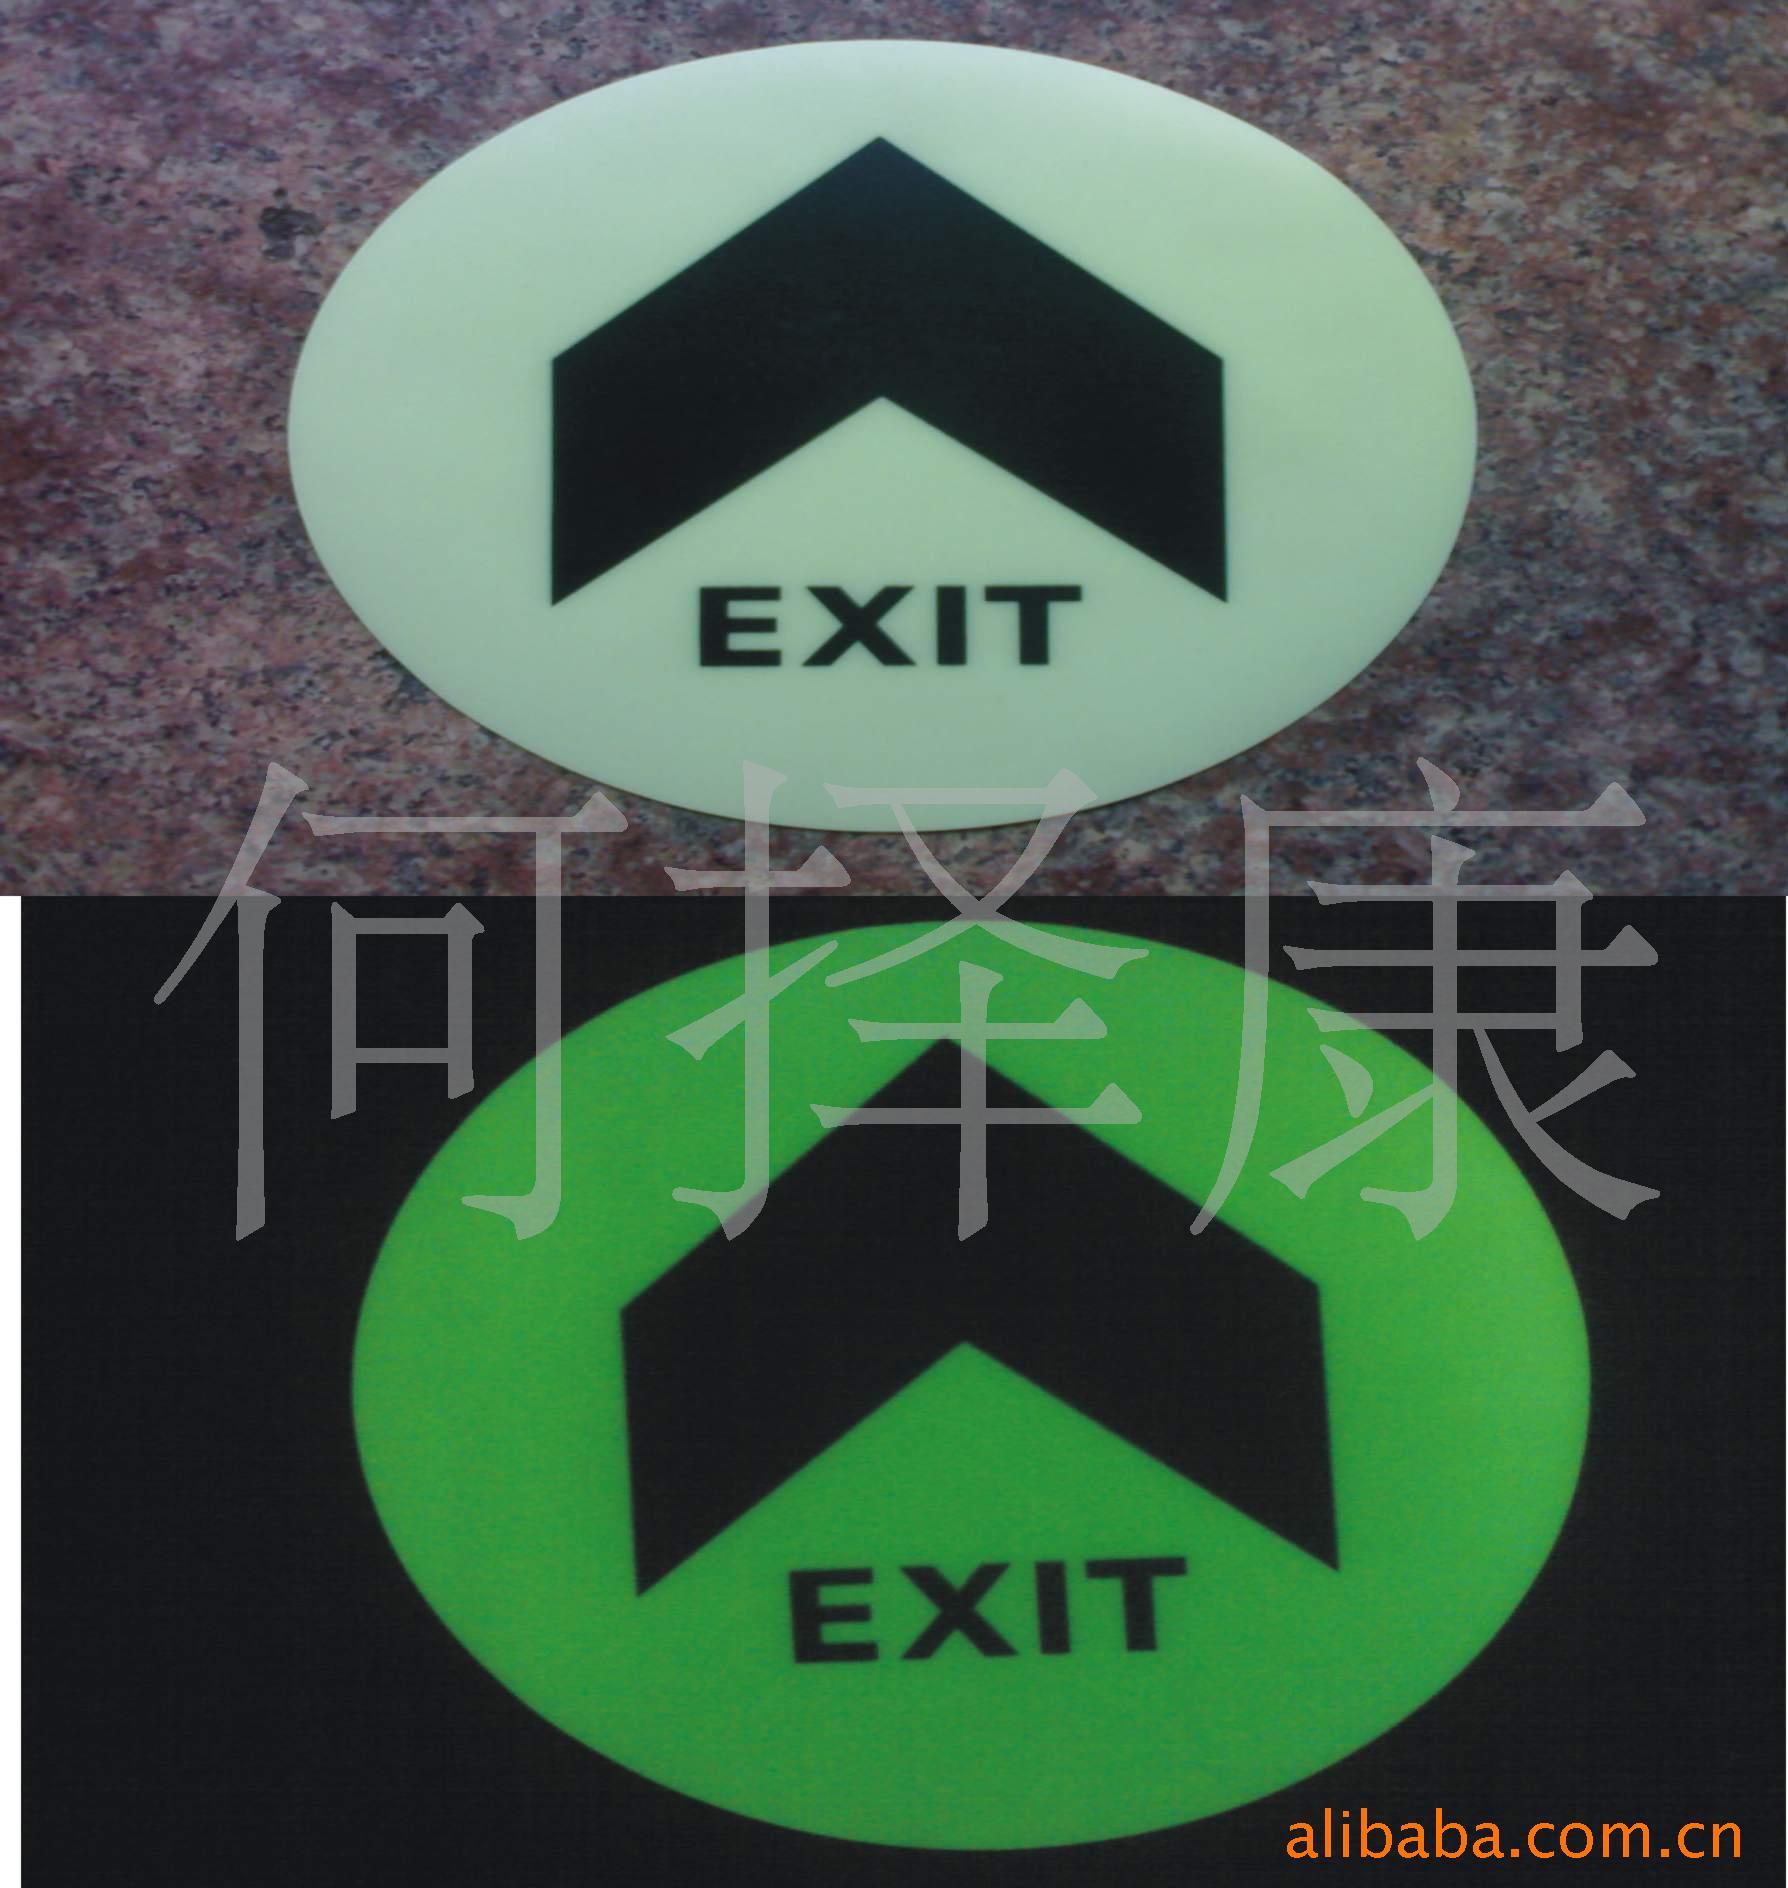 供应夜光地贴消防安全用品圆形带箭头标识,消防导向标牌夜光标识